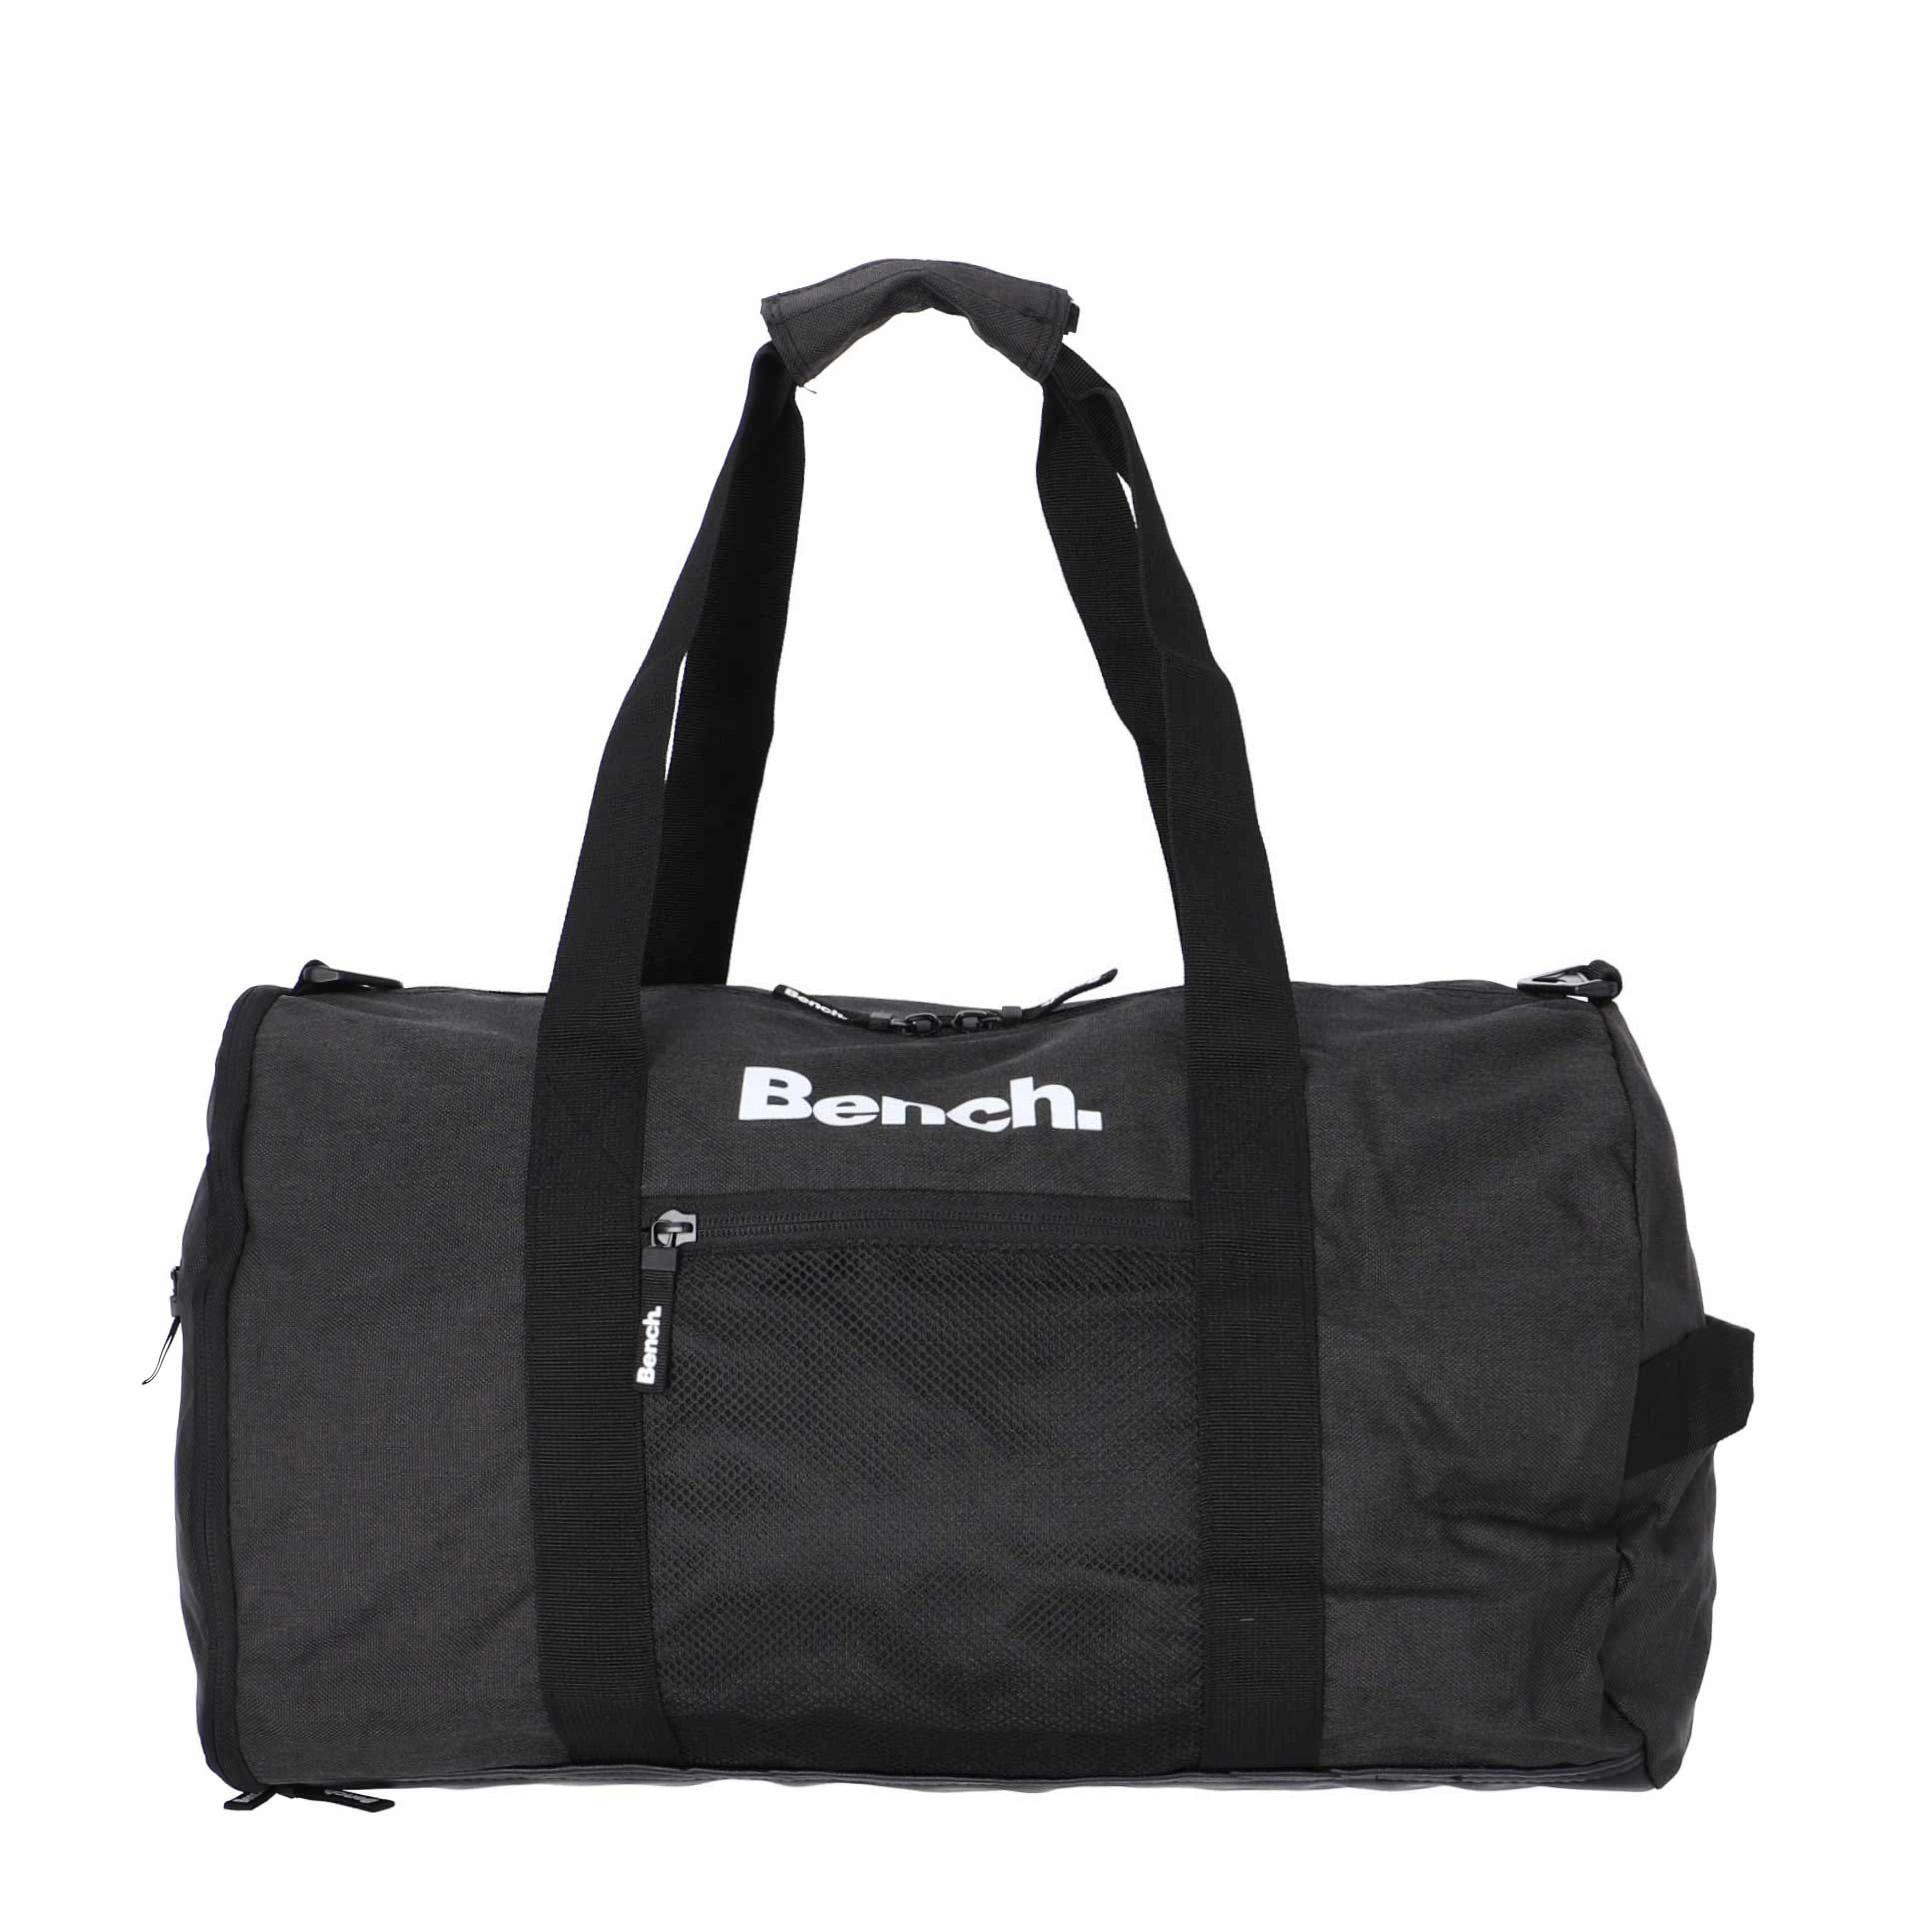 Bench  Sporttasche